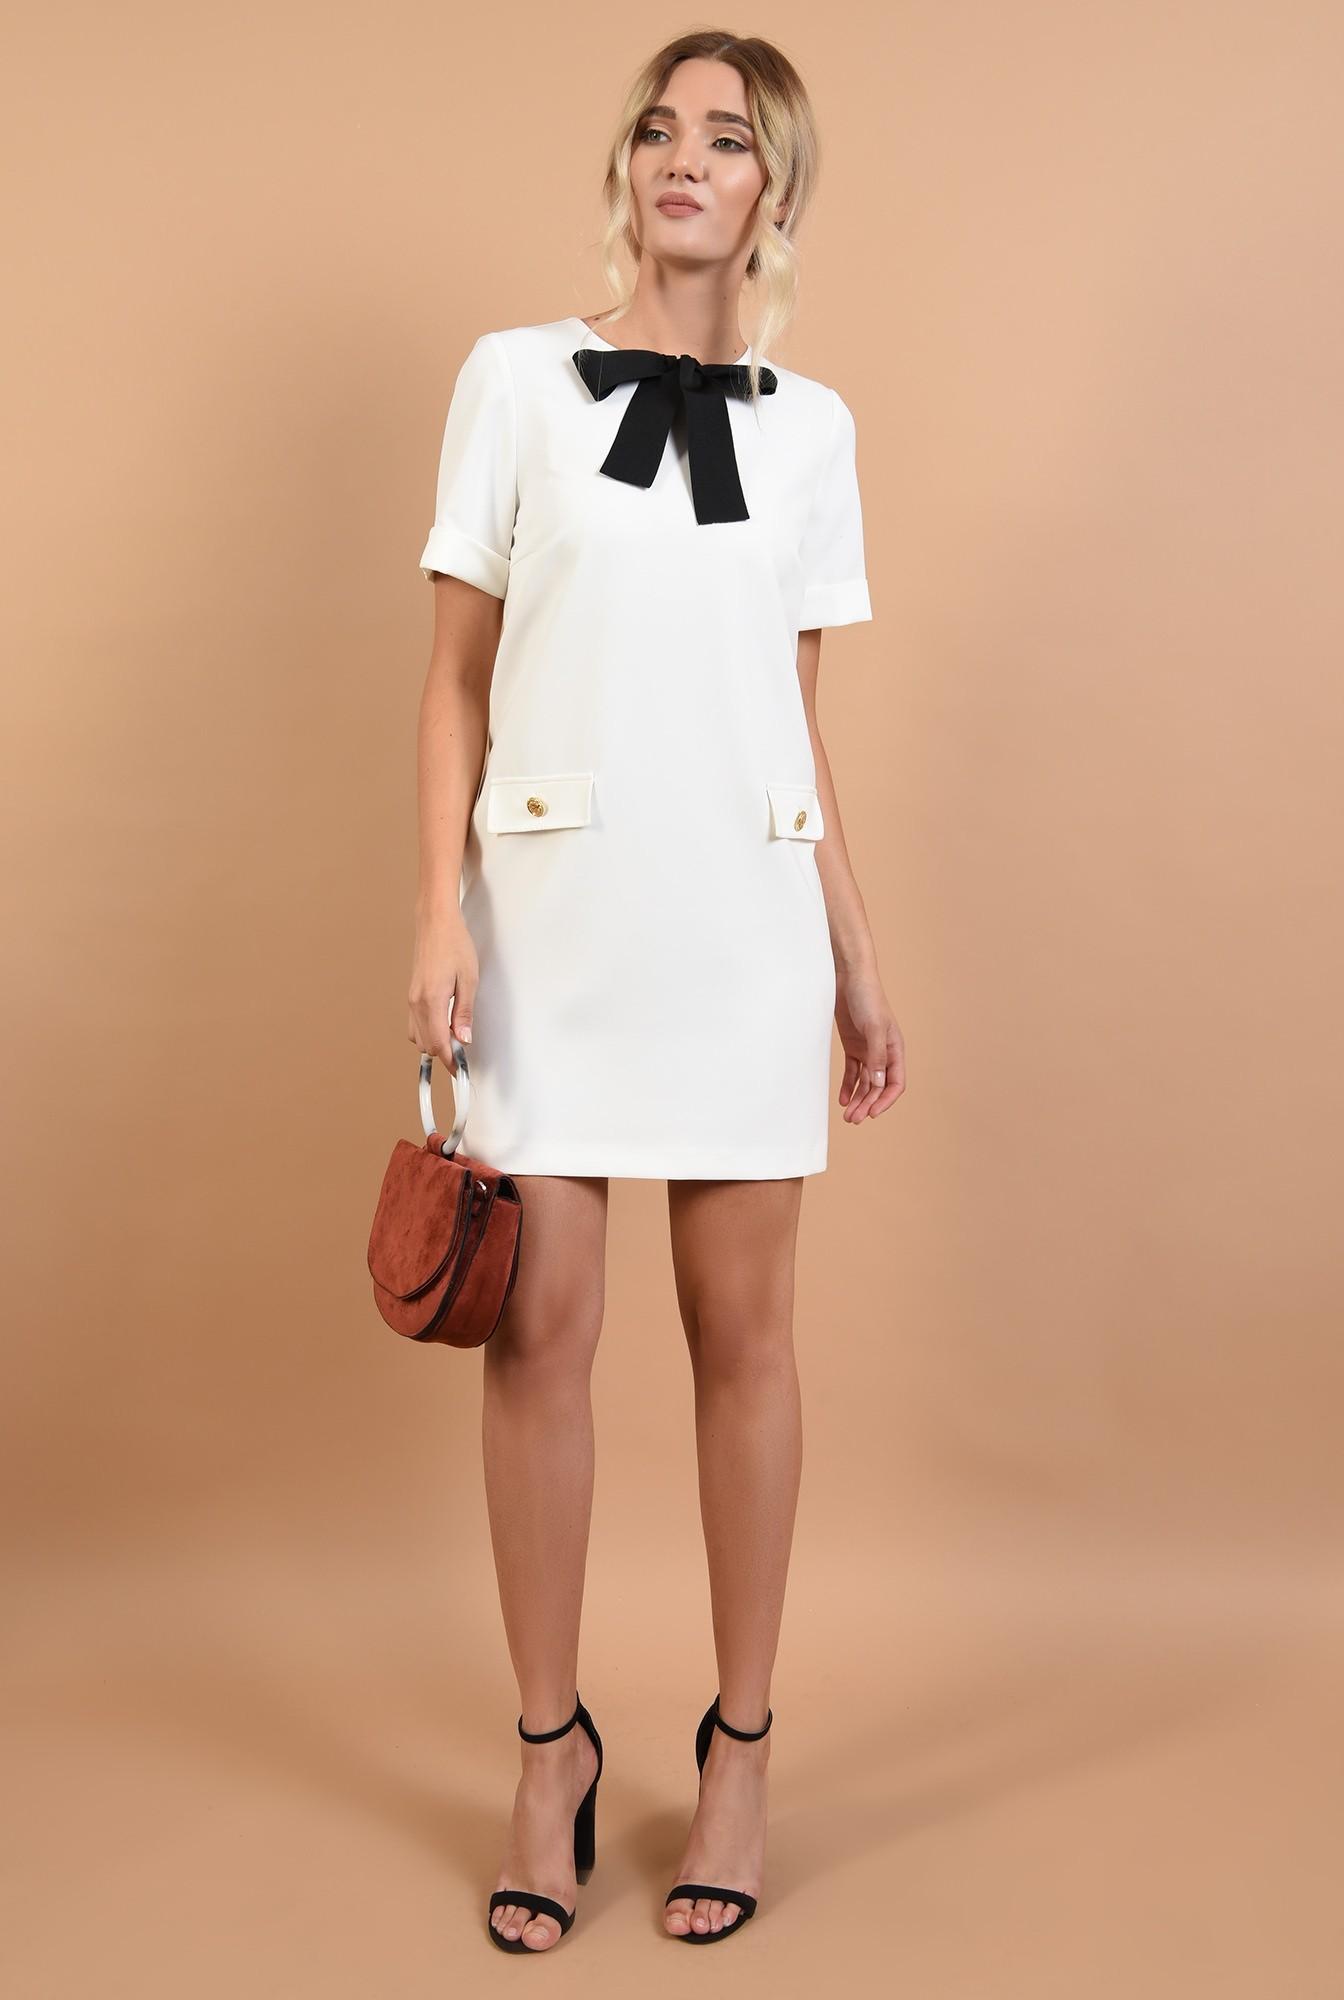 3 - rochie office, mini, dreapta, funda din rips, alb-negru, clape decorative